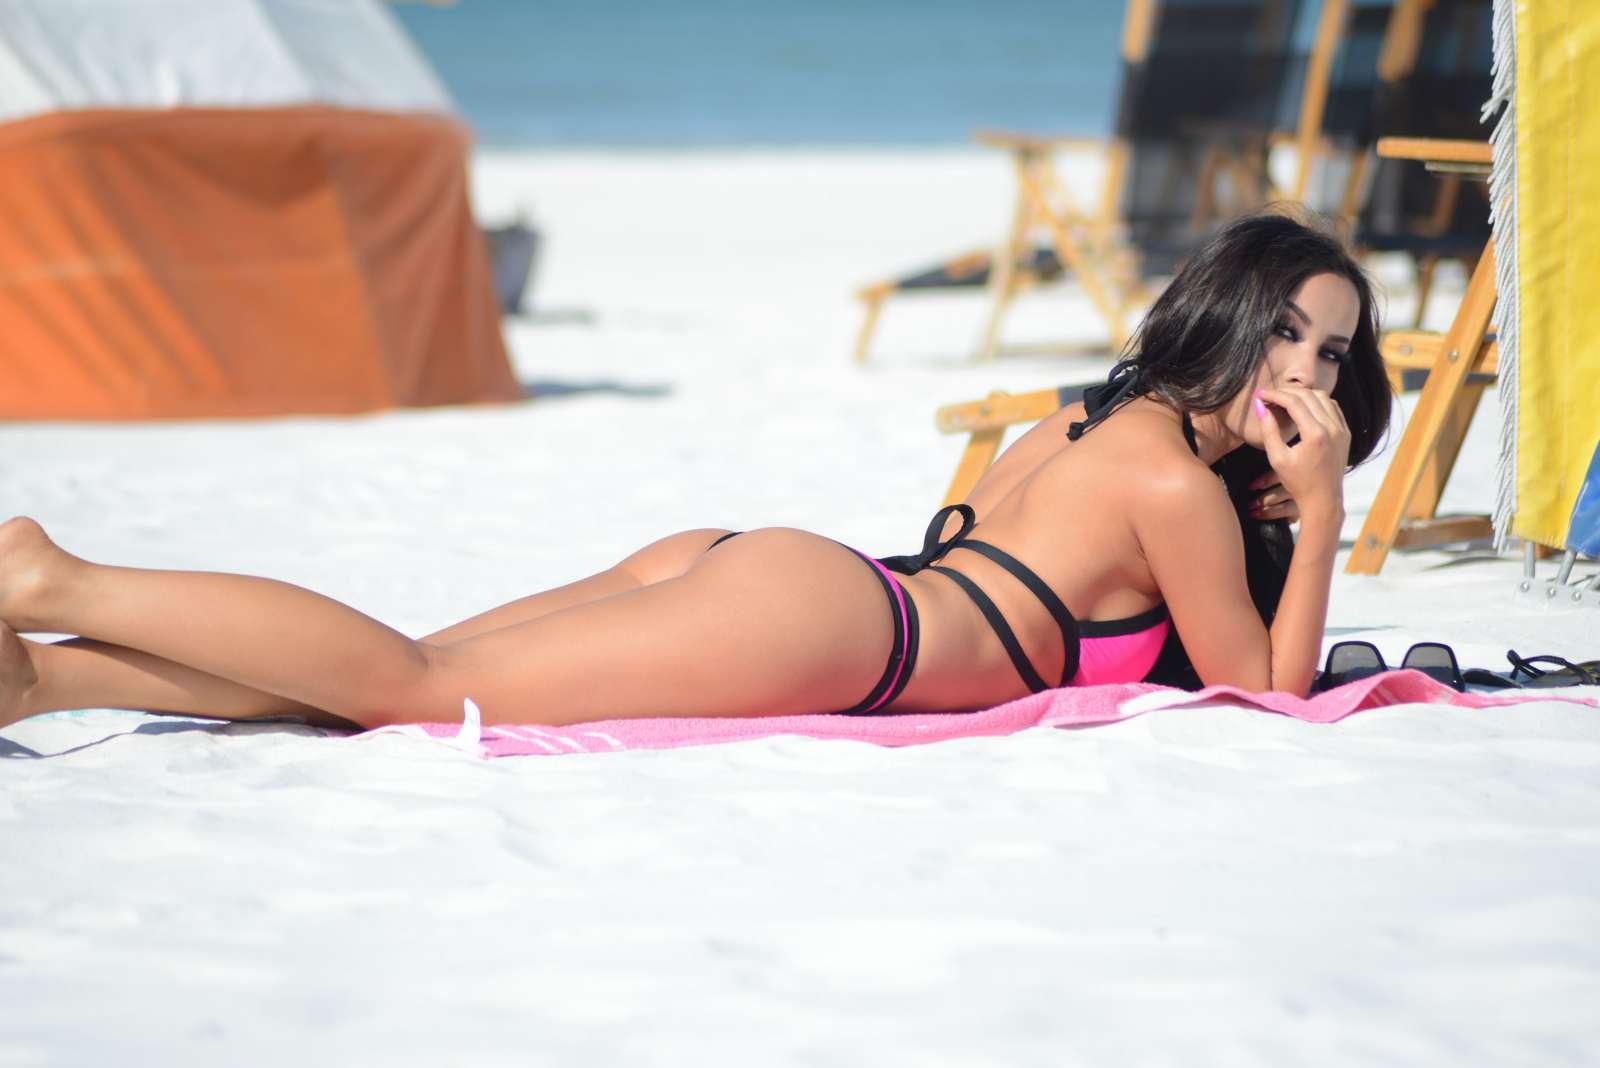 Lisa Opie 2016 : Lisa Opie in Pink Bikini 2016 -12